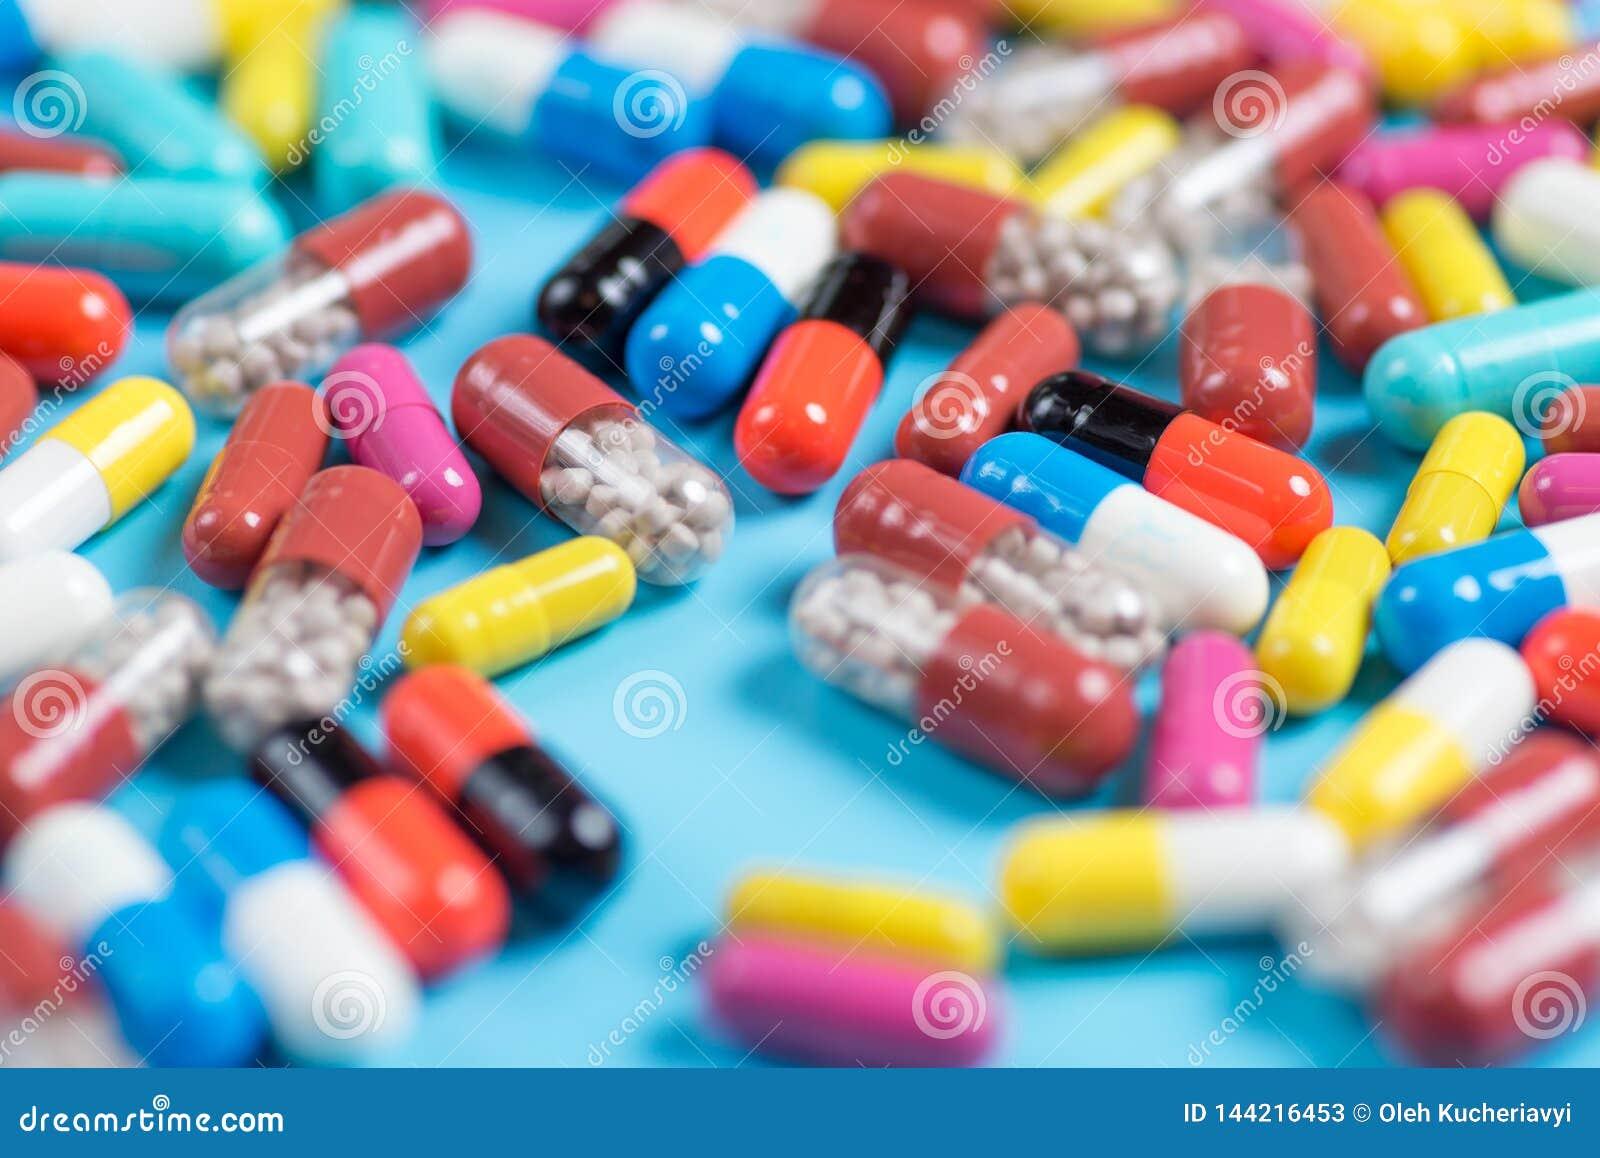 Comprimidos ou c?psulas verdes, amarelas, vermelhas e cor-de-rosa em um fundo azul